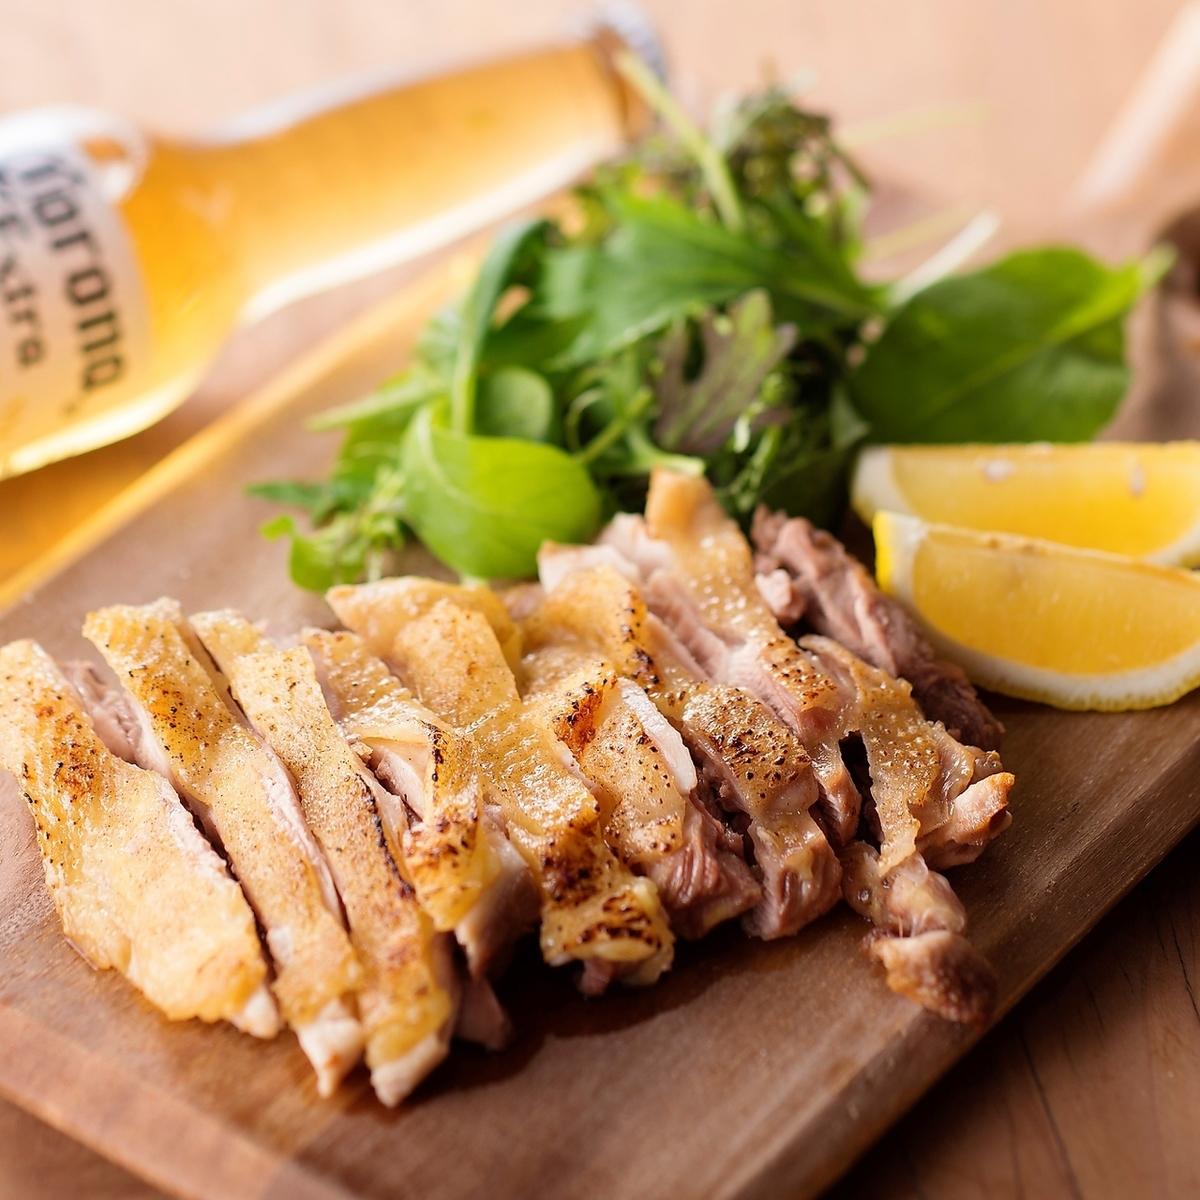 【肉类菜肴】盐烤鸡肉也是